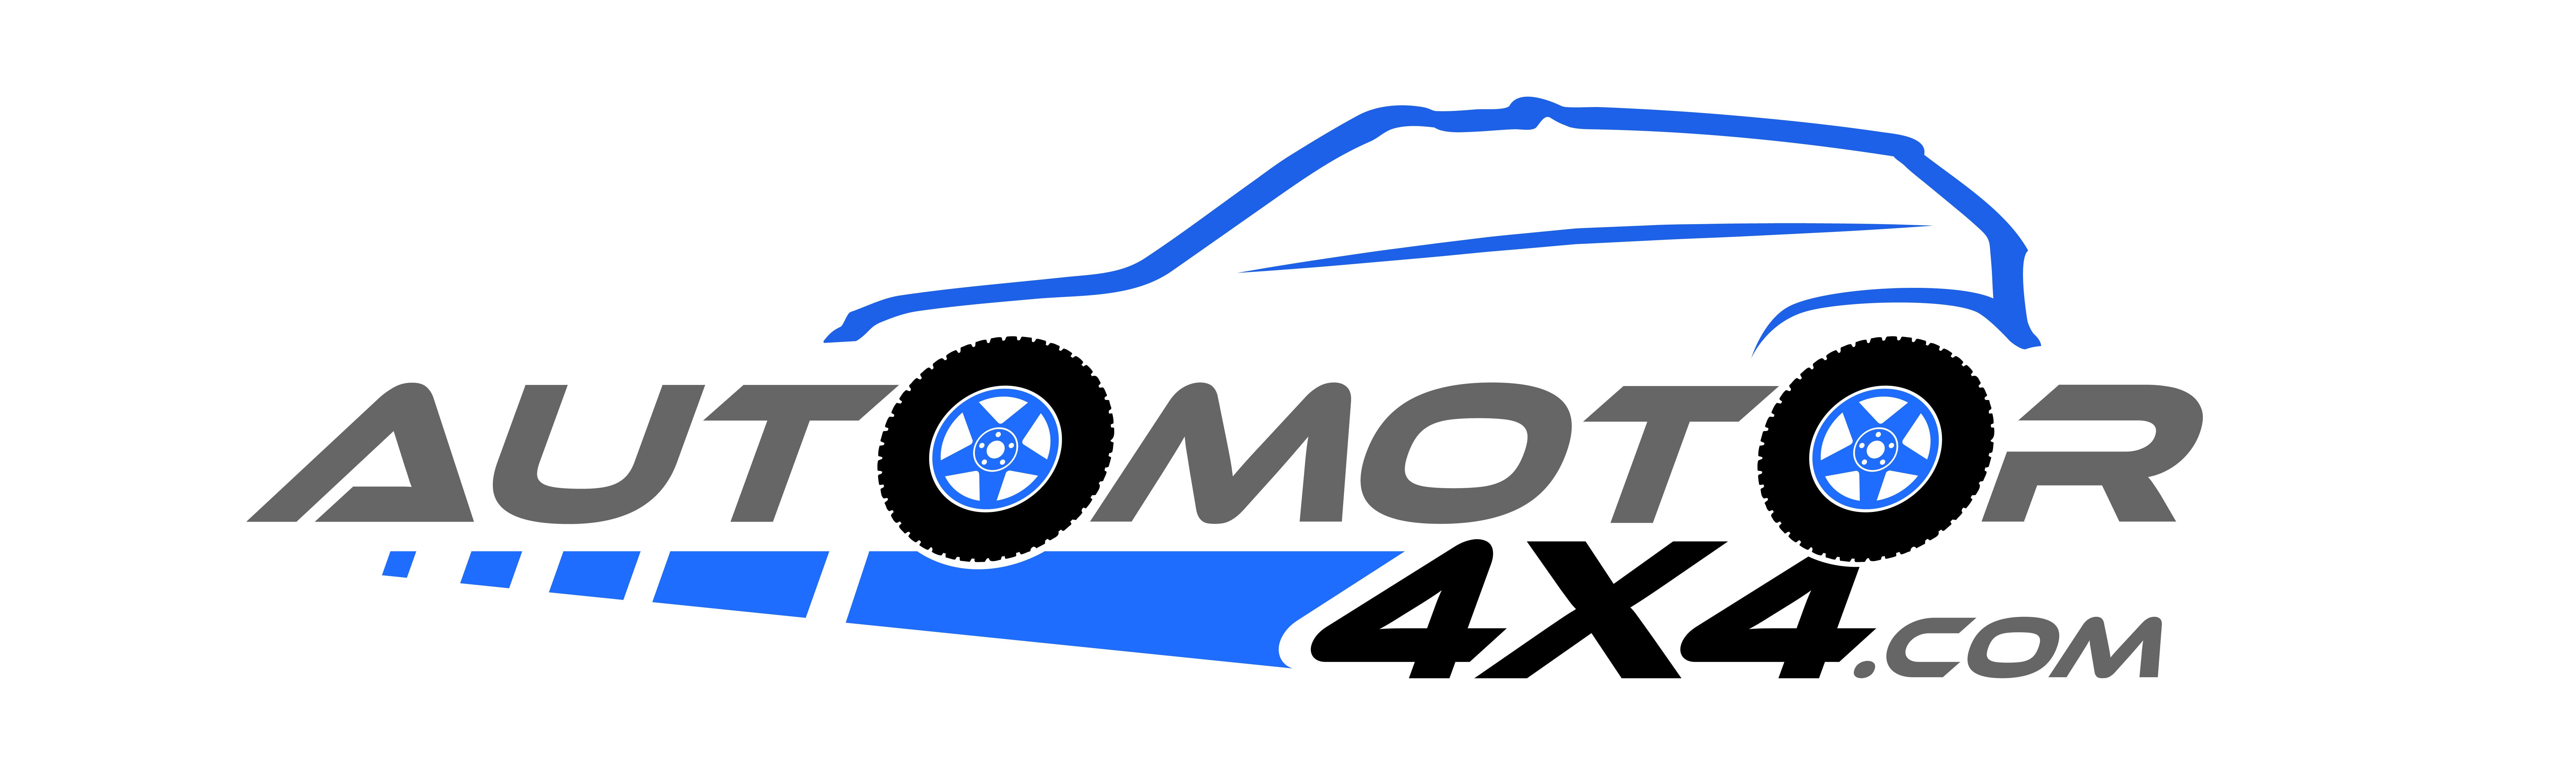 automotor4x4_2015_definitius-02